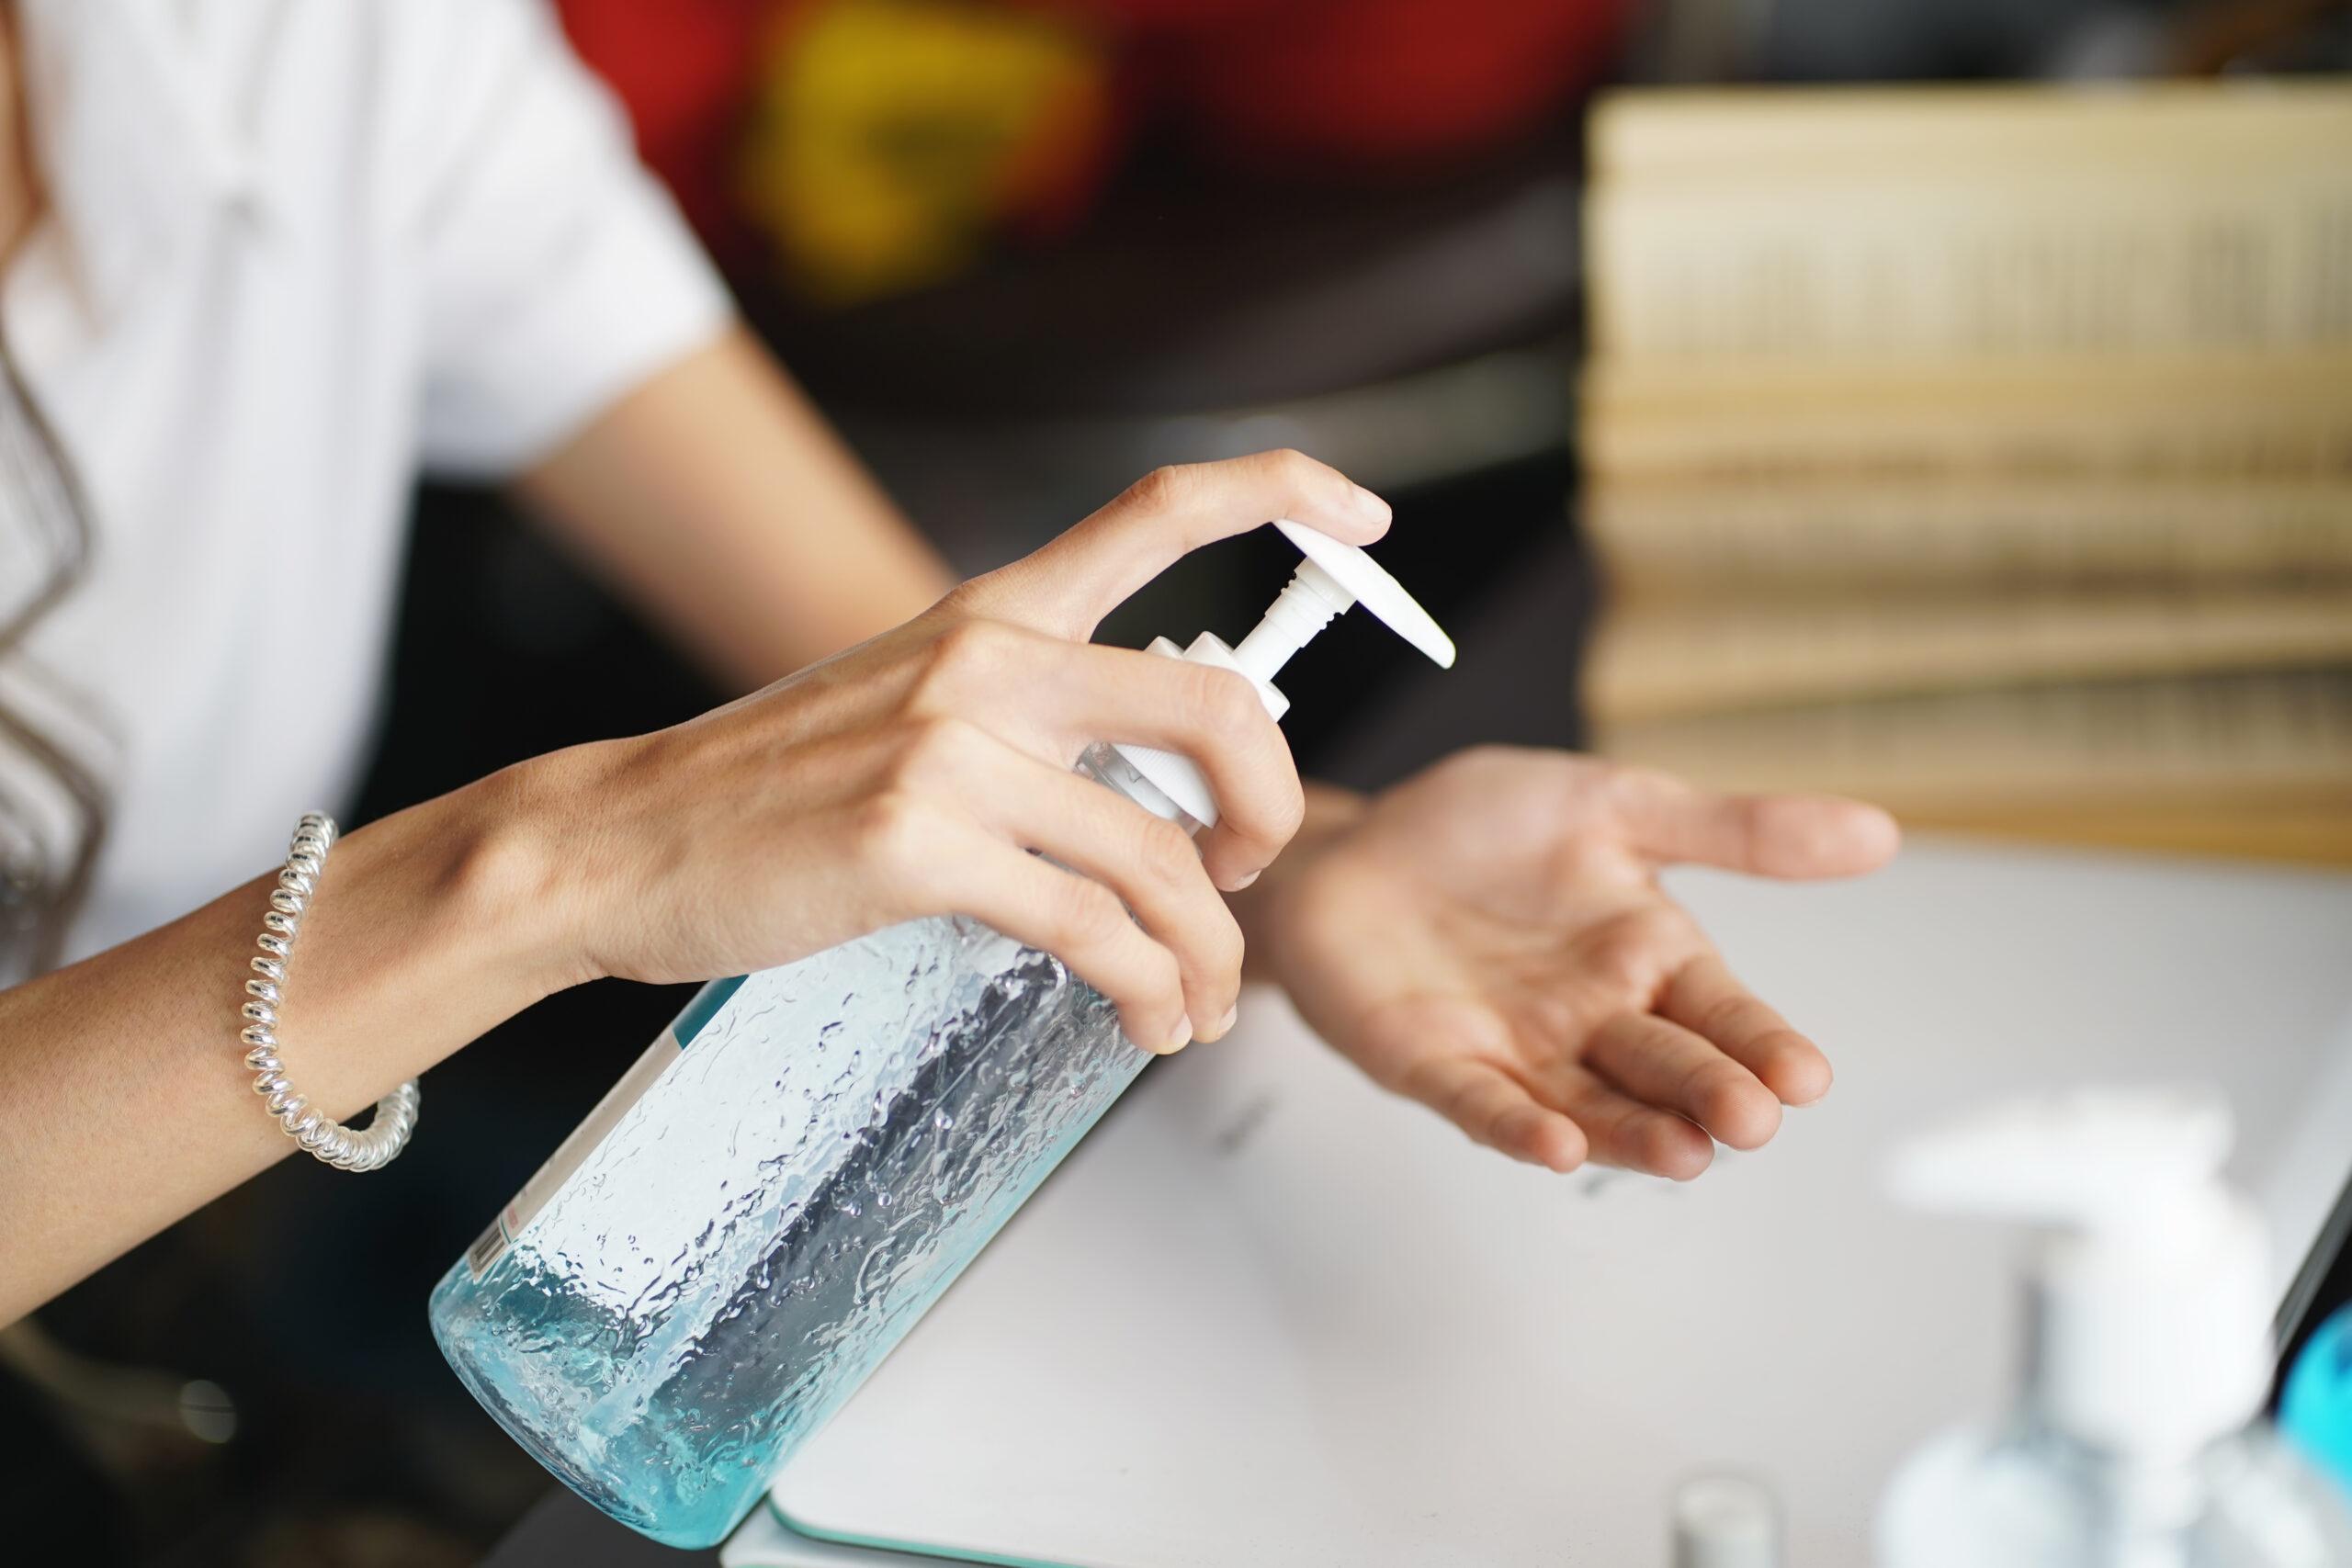 阅读有关文章的更多信息 Is Hand Sanitizer Bad for You?